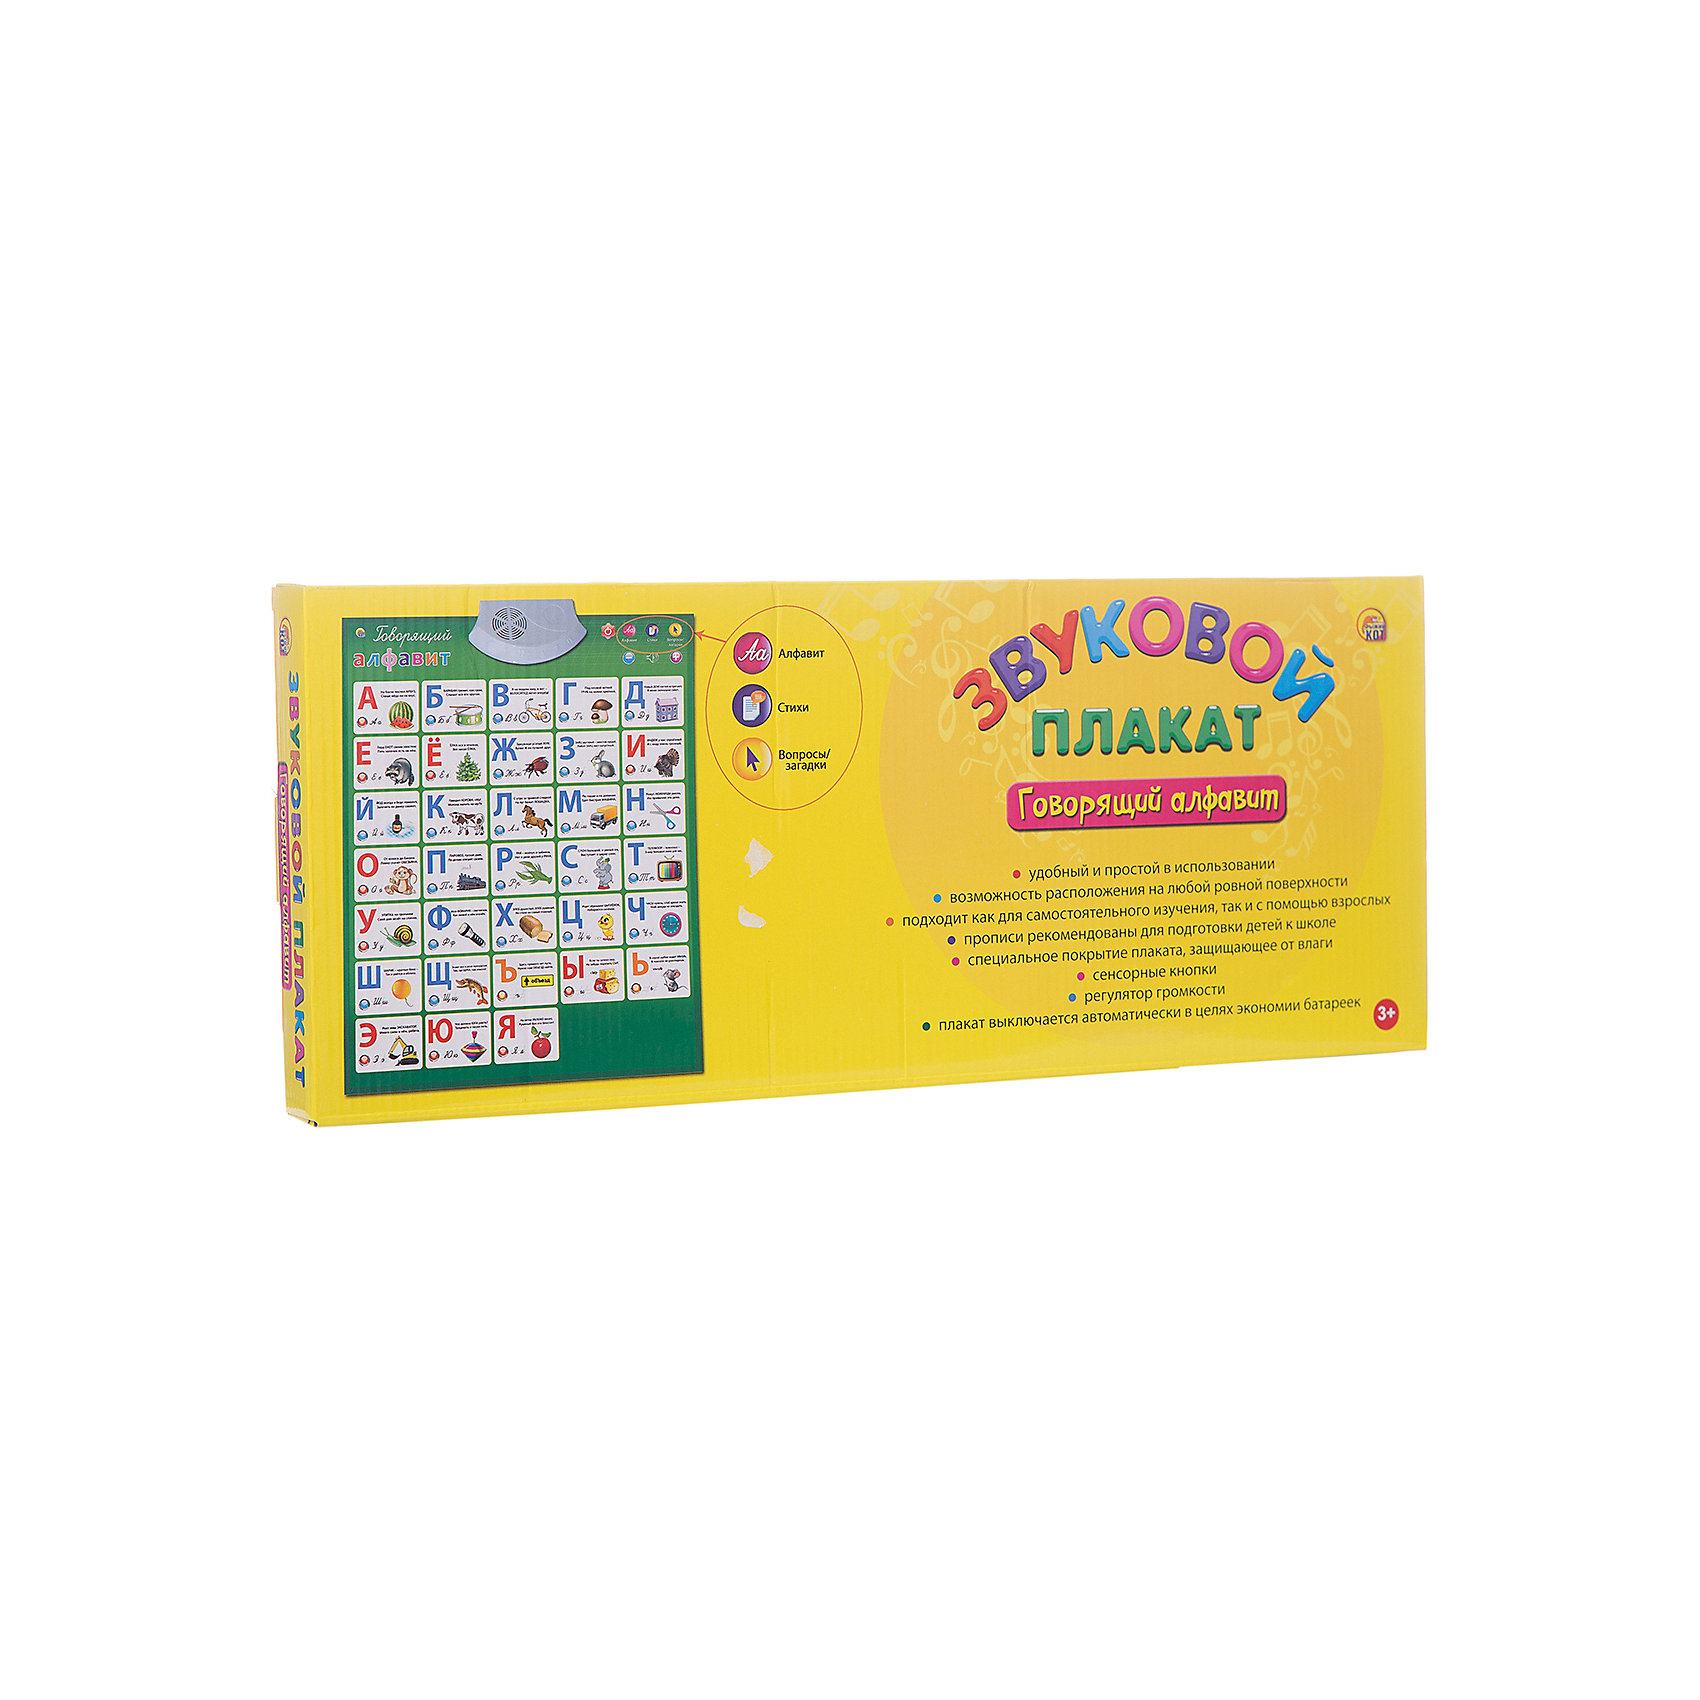 Звуковой плакат Говорящий алфавитЭлектронные плакаты<br>Звуковой плакат Говорящий алфавит – это эффективное пособие для обучения детей буквам алфавита!<br>Развивающий звуковой плакат Говорящий алфавит позволит в игровой форме выучить алфавит, а затем проверить, насколько хорошо были усвоены полученные знания. Плакат прост и удобен в использовании, влагостойкий, подходит как для самостоятельного изучения, так и при помощи взрослых, располагается на любой ровной поверхности, содержит кнопки регулятора громкости, а также режим автоматического выключения в целях экономии батареек.<br><br>Дополнительная информация:<br><br>- Материал: пластмасса, полимерная плёнка<br>- Размер плаката: 47,5 х 59 см.<br>- Батарейки: 3 батарейки ААА (входят в комплект)<br>- Размер упаковки: 20 х 4 х 49 см.<br><br>Звуковой плакат Говорящий алфавит можно купить в нашем интернет-магазине.<br><br>Ширина мм: 200<br>Глубина мм: 40<br>Высота мм: 490<br>Вес г: 400<br>Возраст от месяцев: 36<br>Возраст до месяцев: 60<br>Пол: Унисекс<br>Возраст: Детский<br>SKU: 4214641